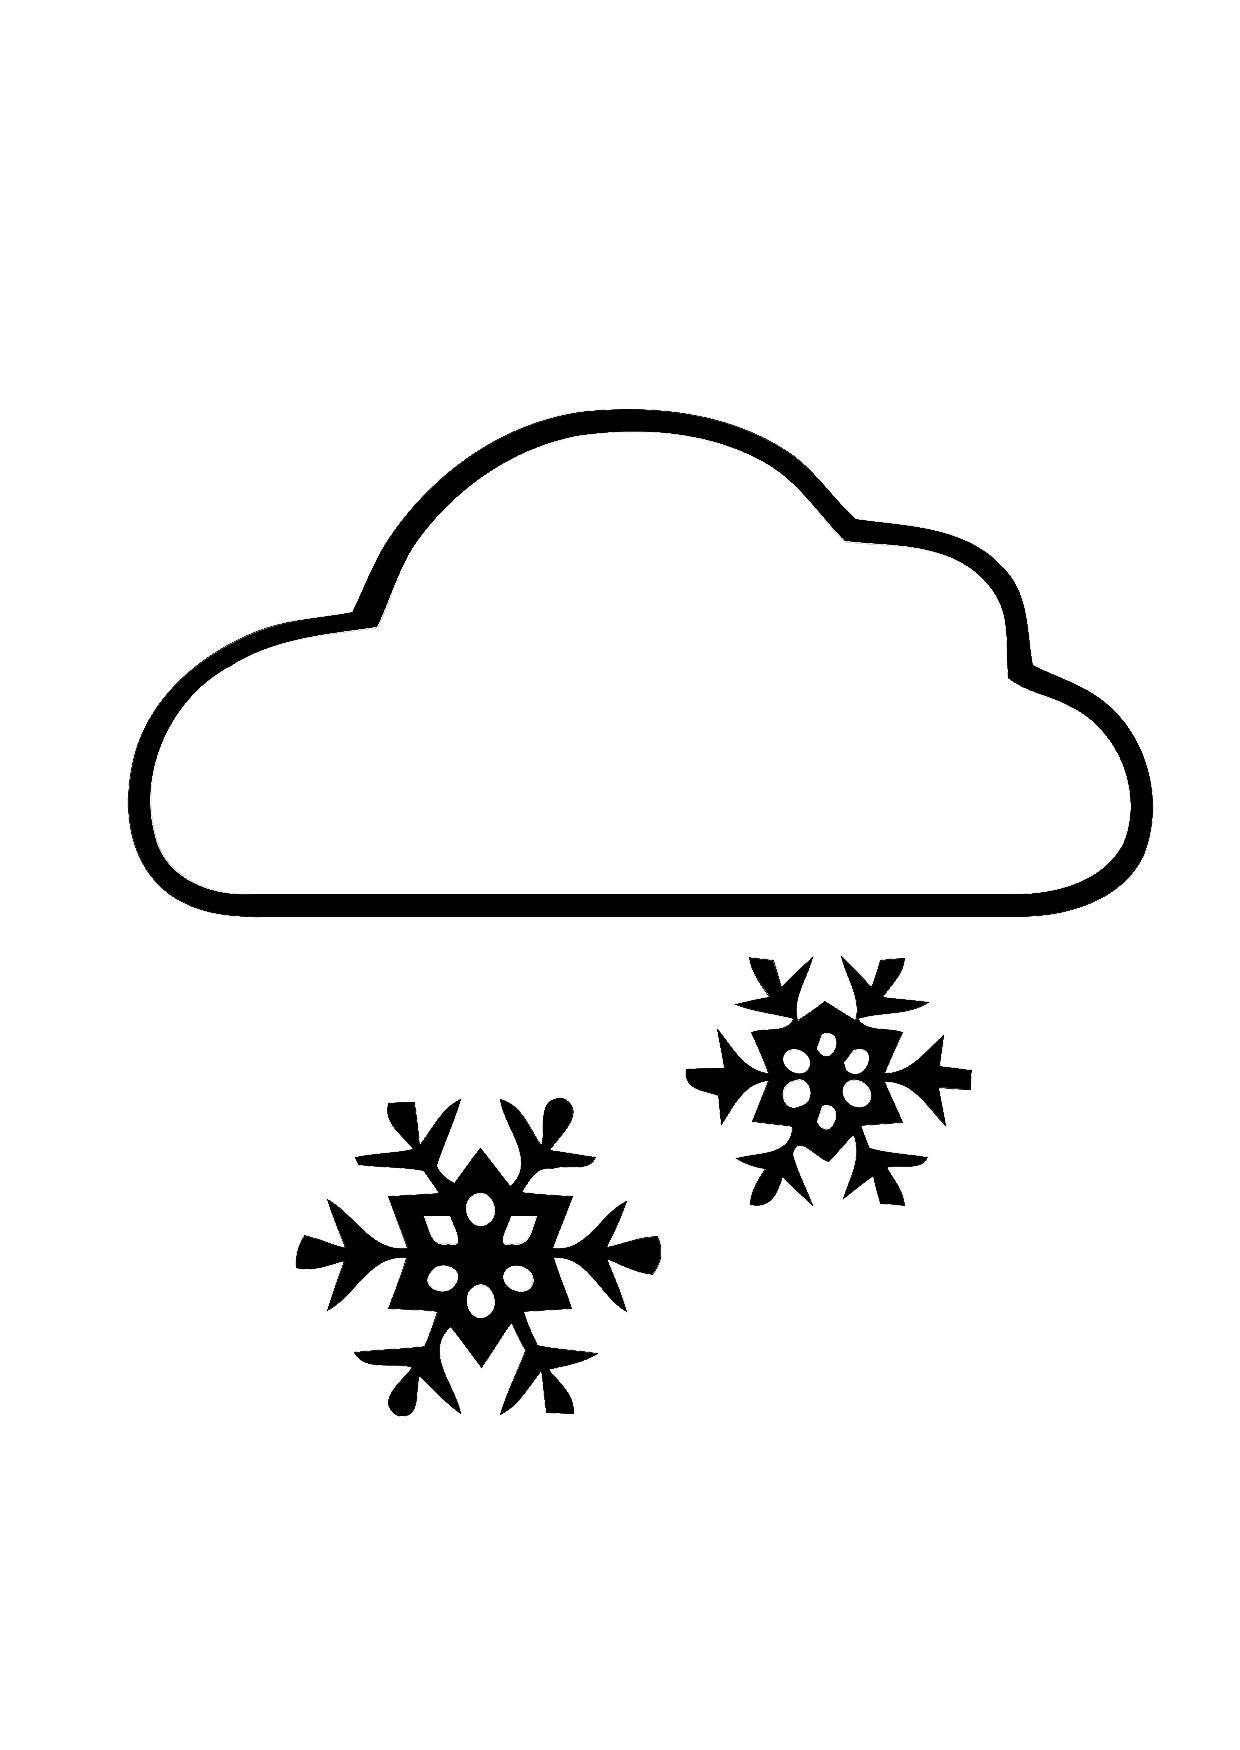 Malvorlage 01a. Schnee | Ausmalbild 11396.